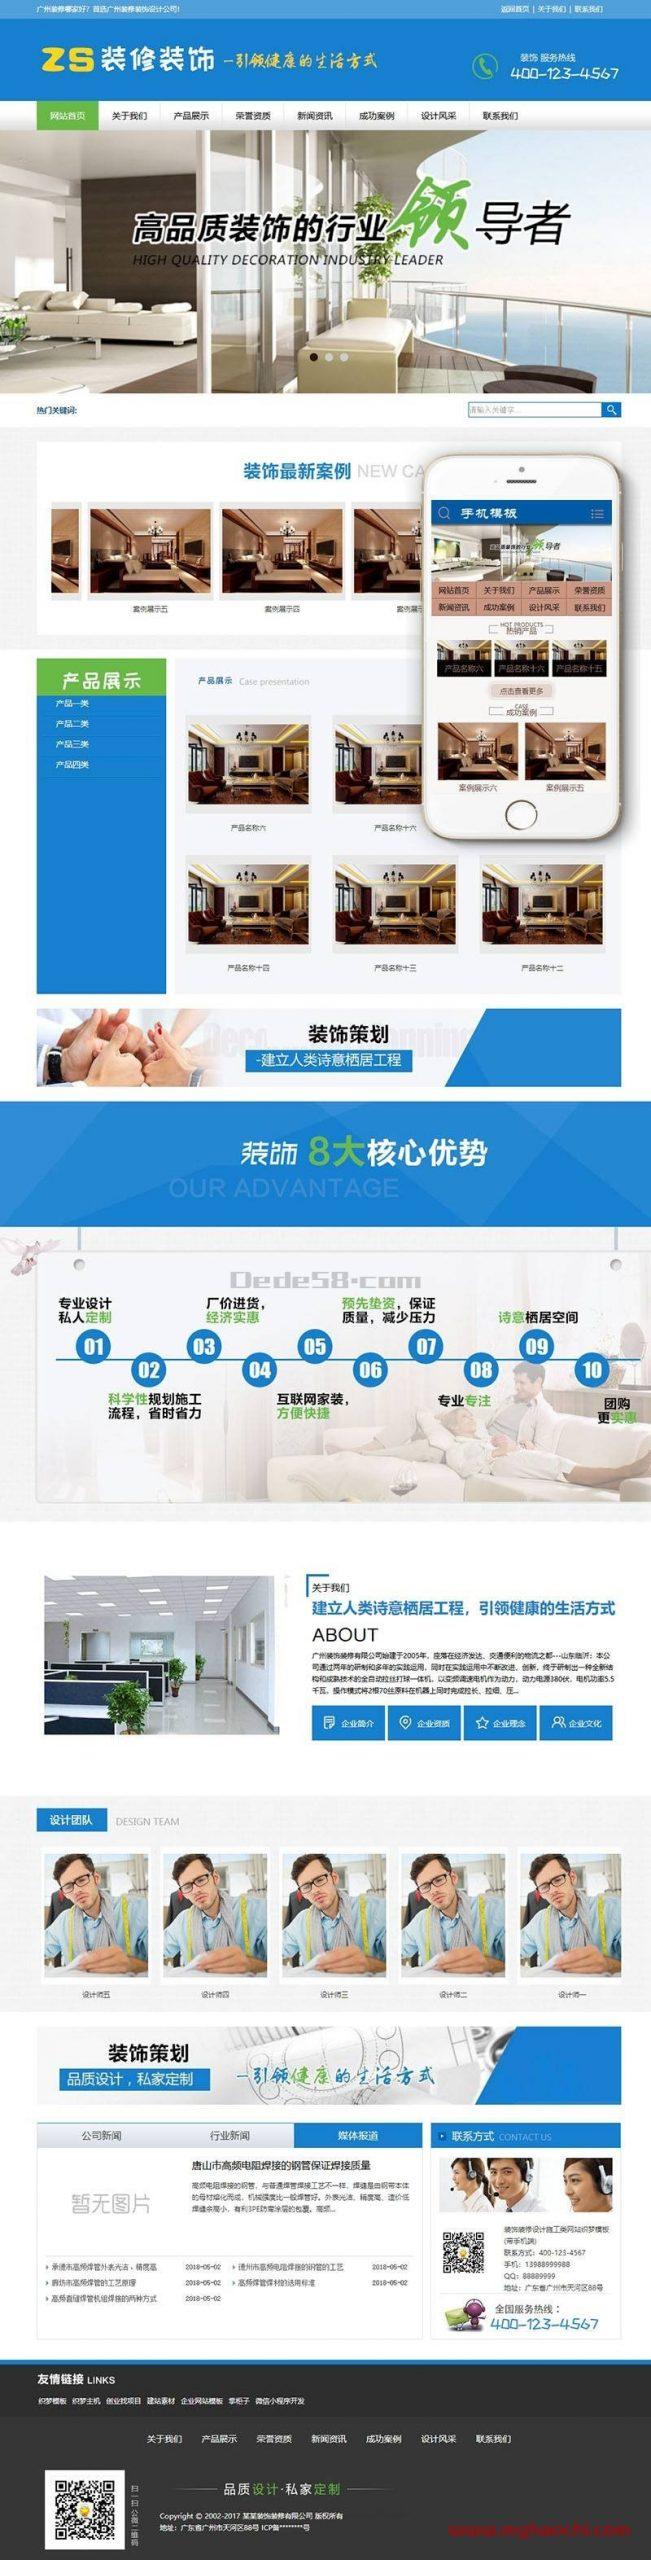 装饰装修设计施工类网站网站源码 dedecms织梦模板 (带手机端)插图